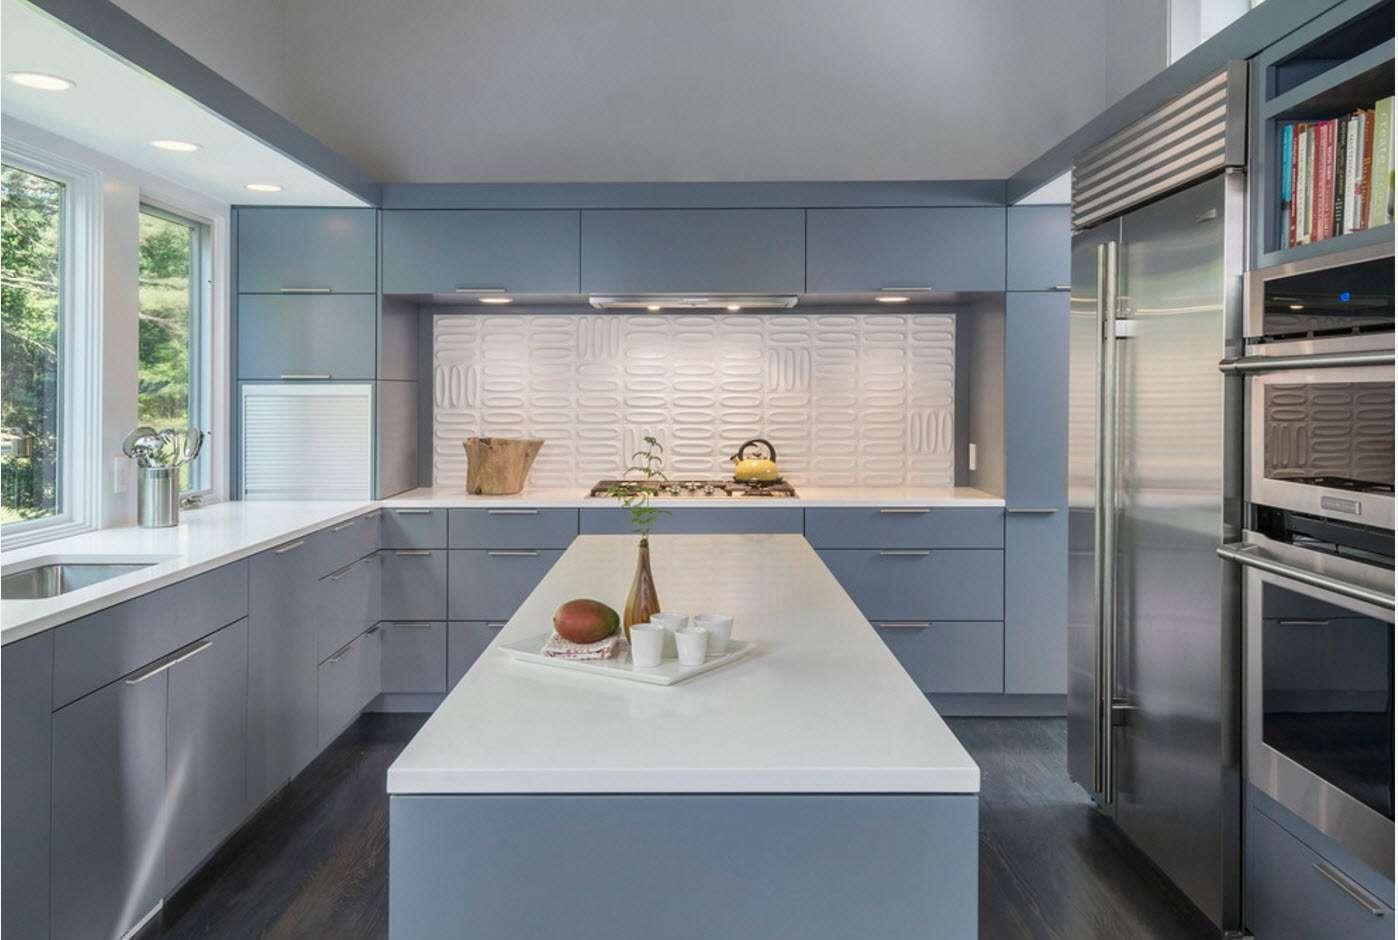 fotografie de bucătărie modernă